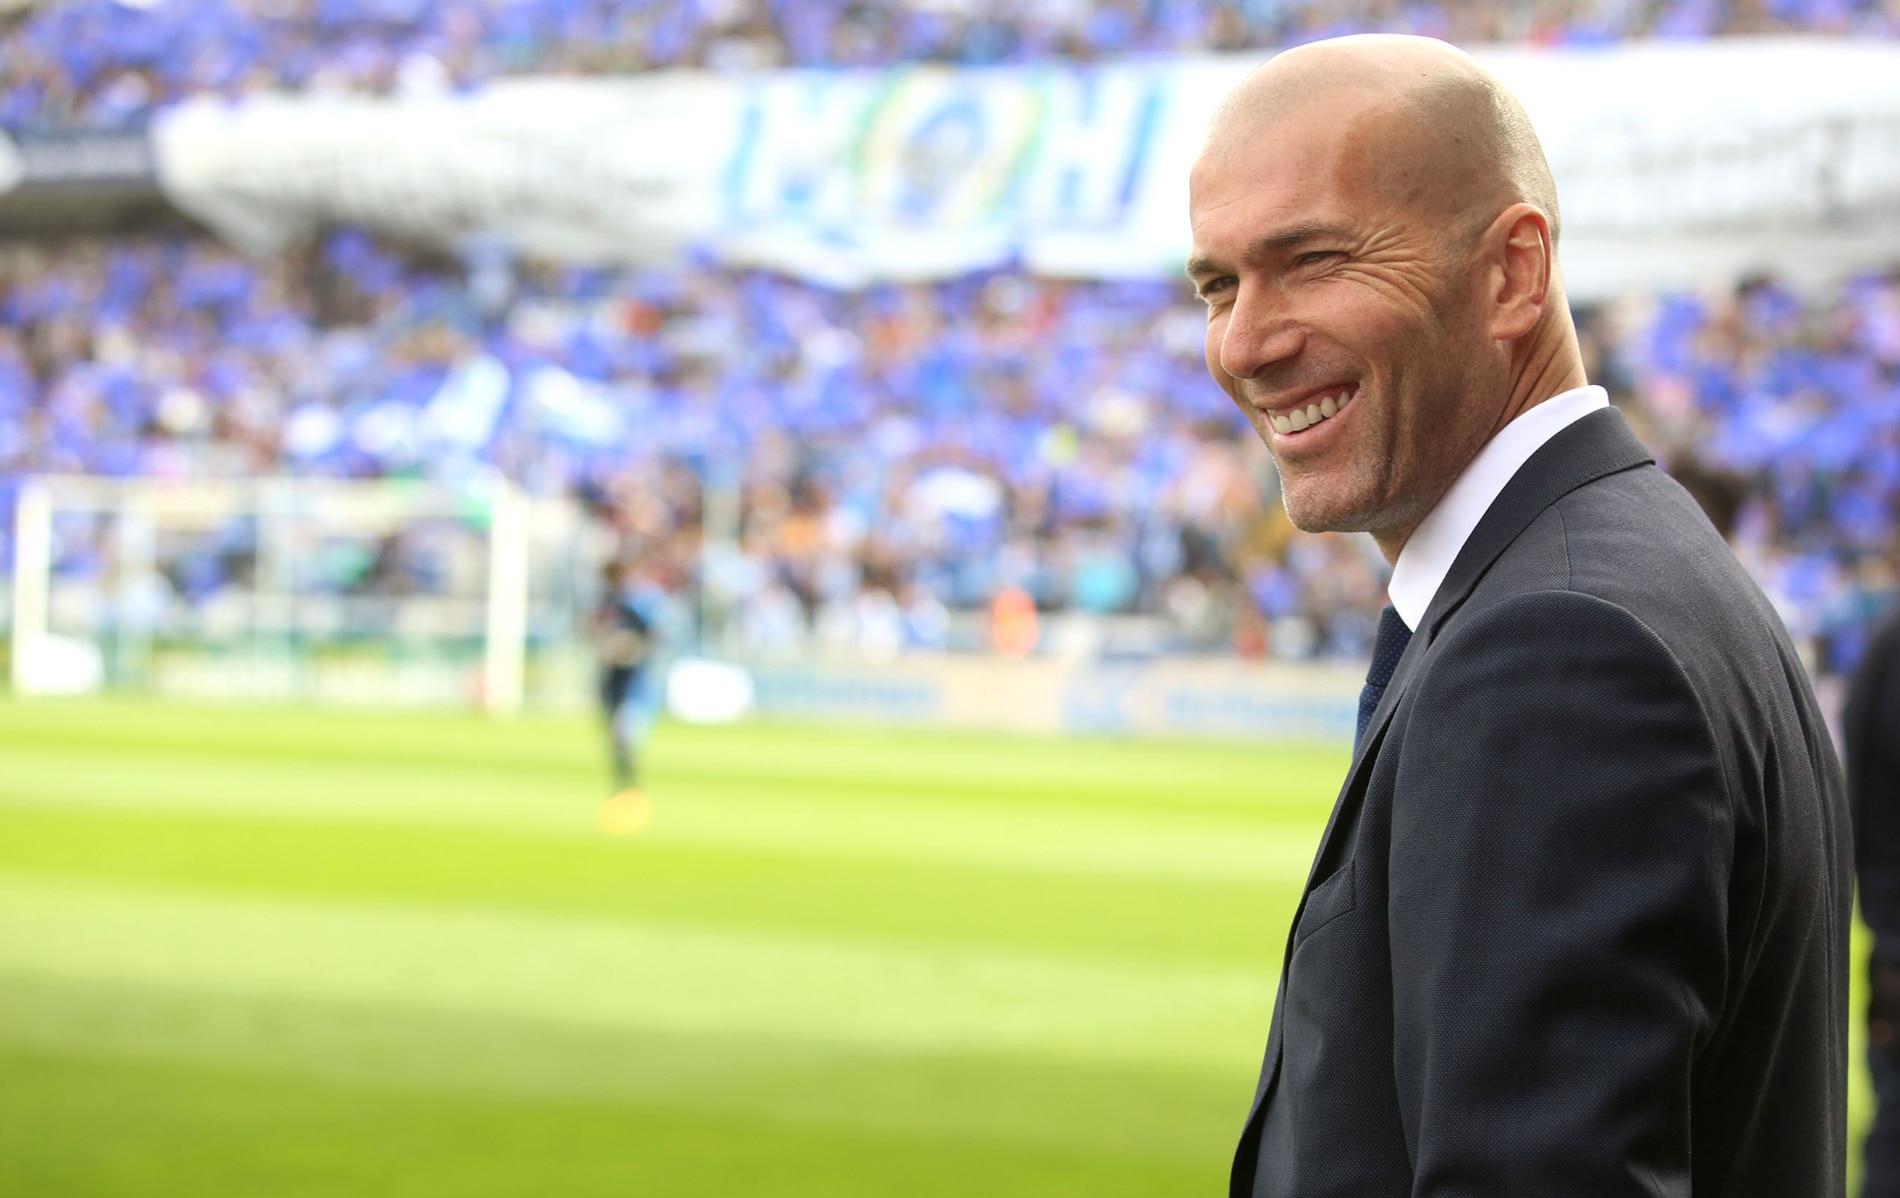 Fotografía de Zinedine Zidane entrenador del Real Madrid 2016